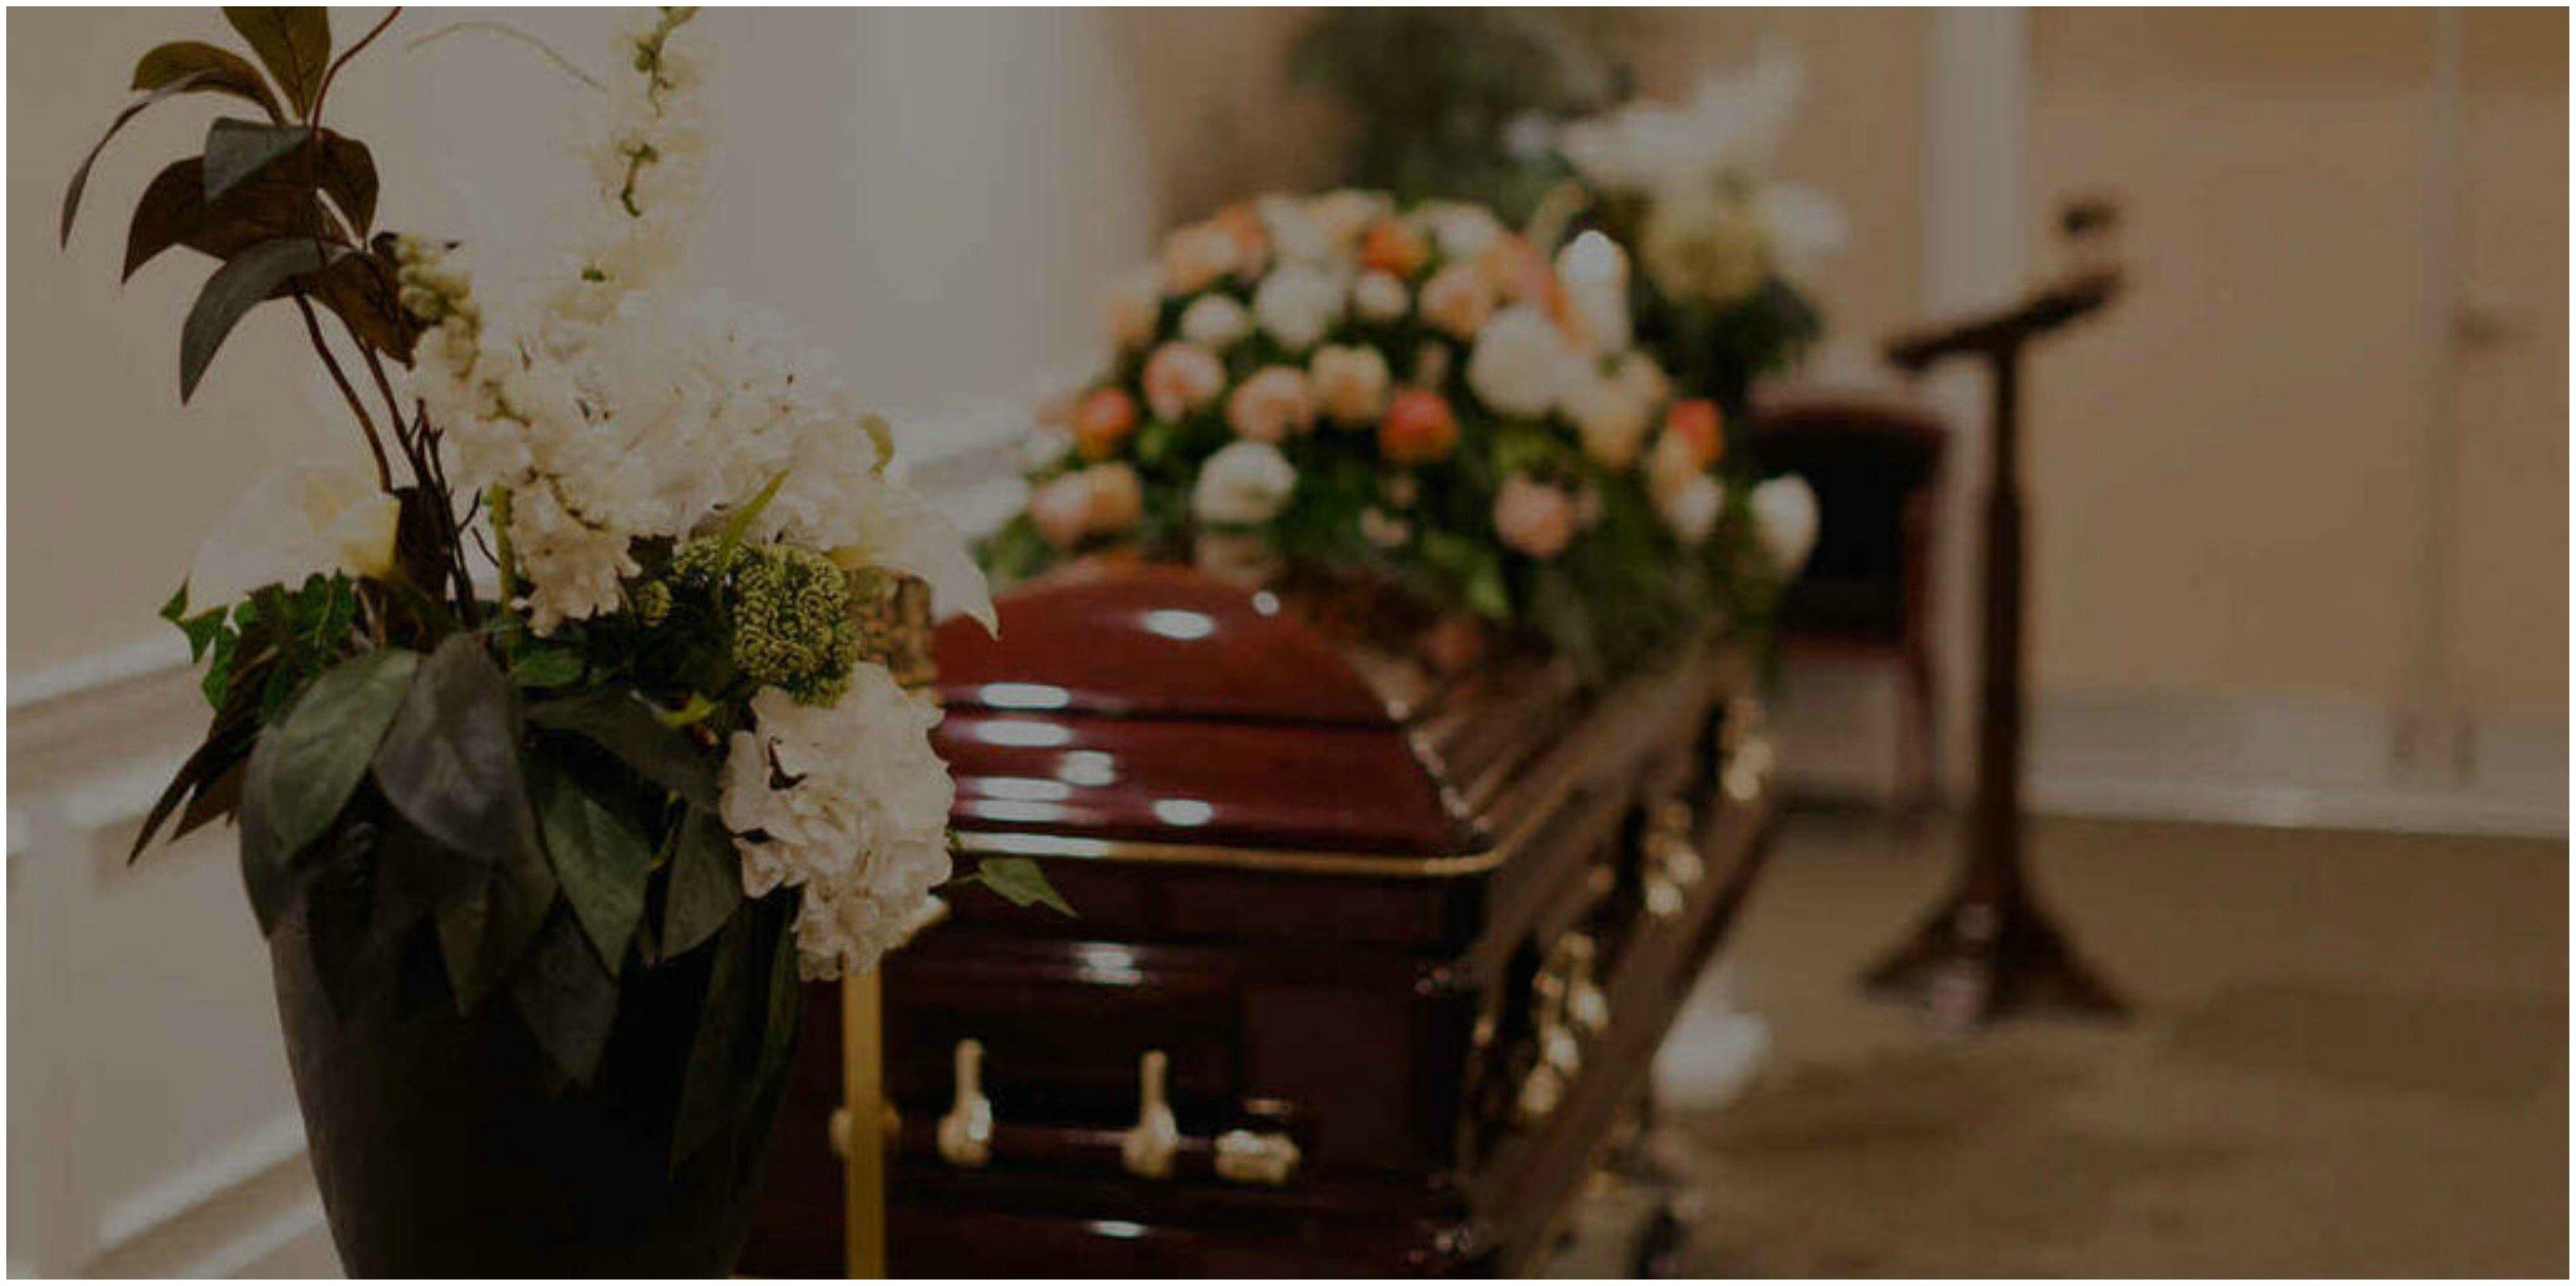 Aprovechando el coronavirus contra la Iglesia Sanidad restringe a tres personas y un cura la asistencia a velatorios y ritos funerarios